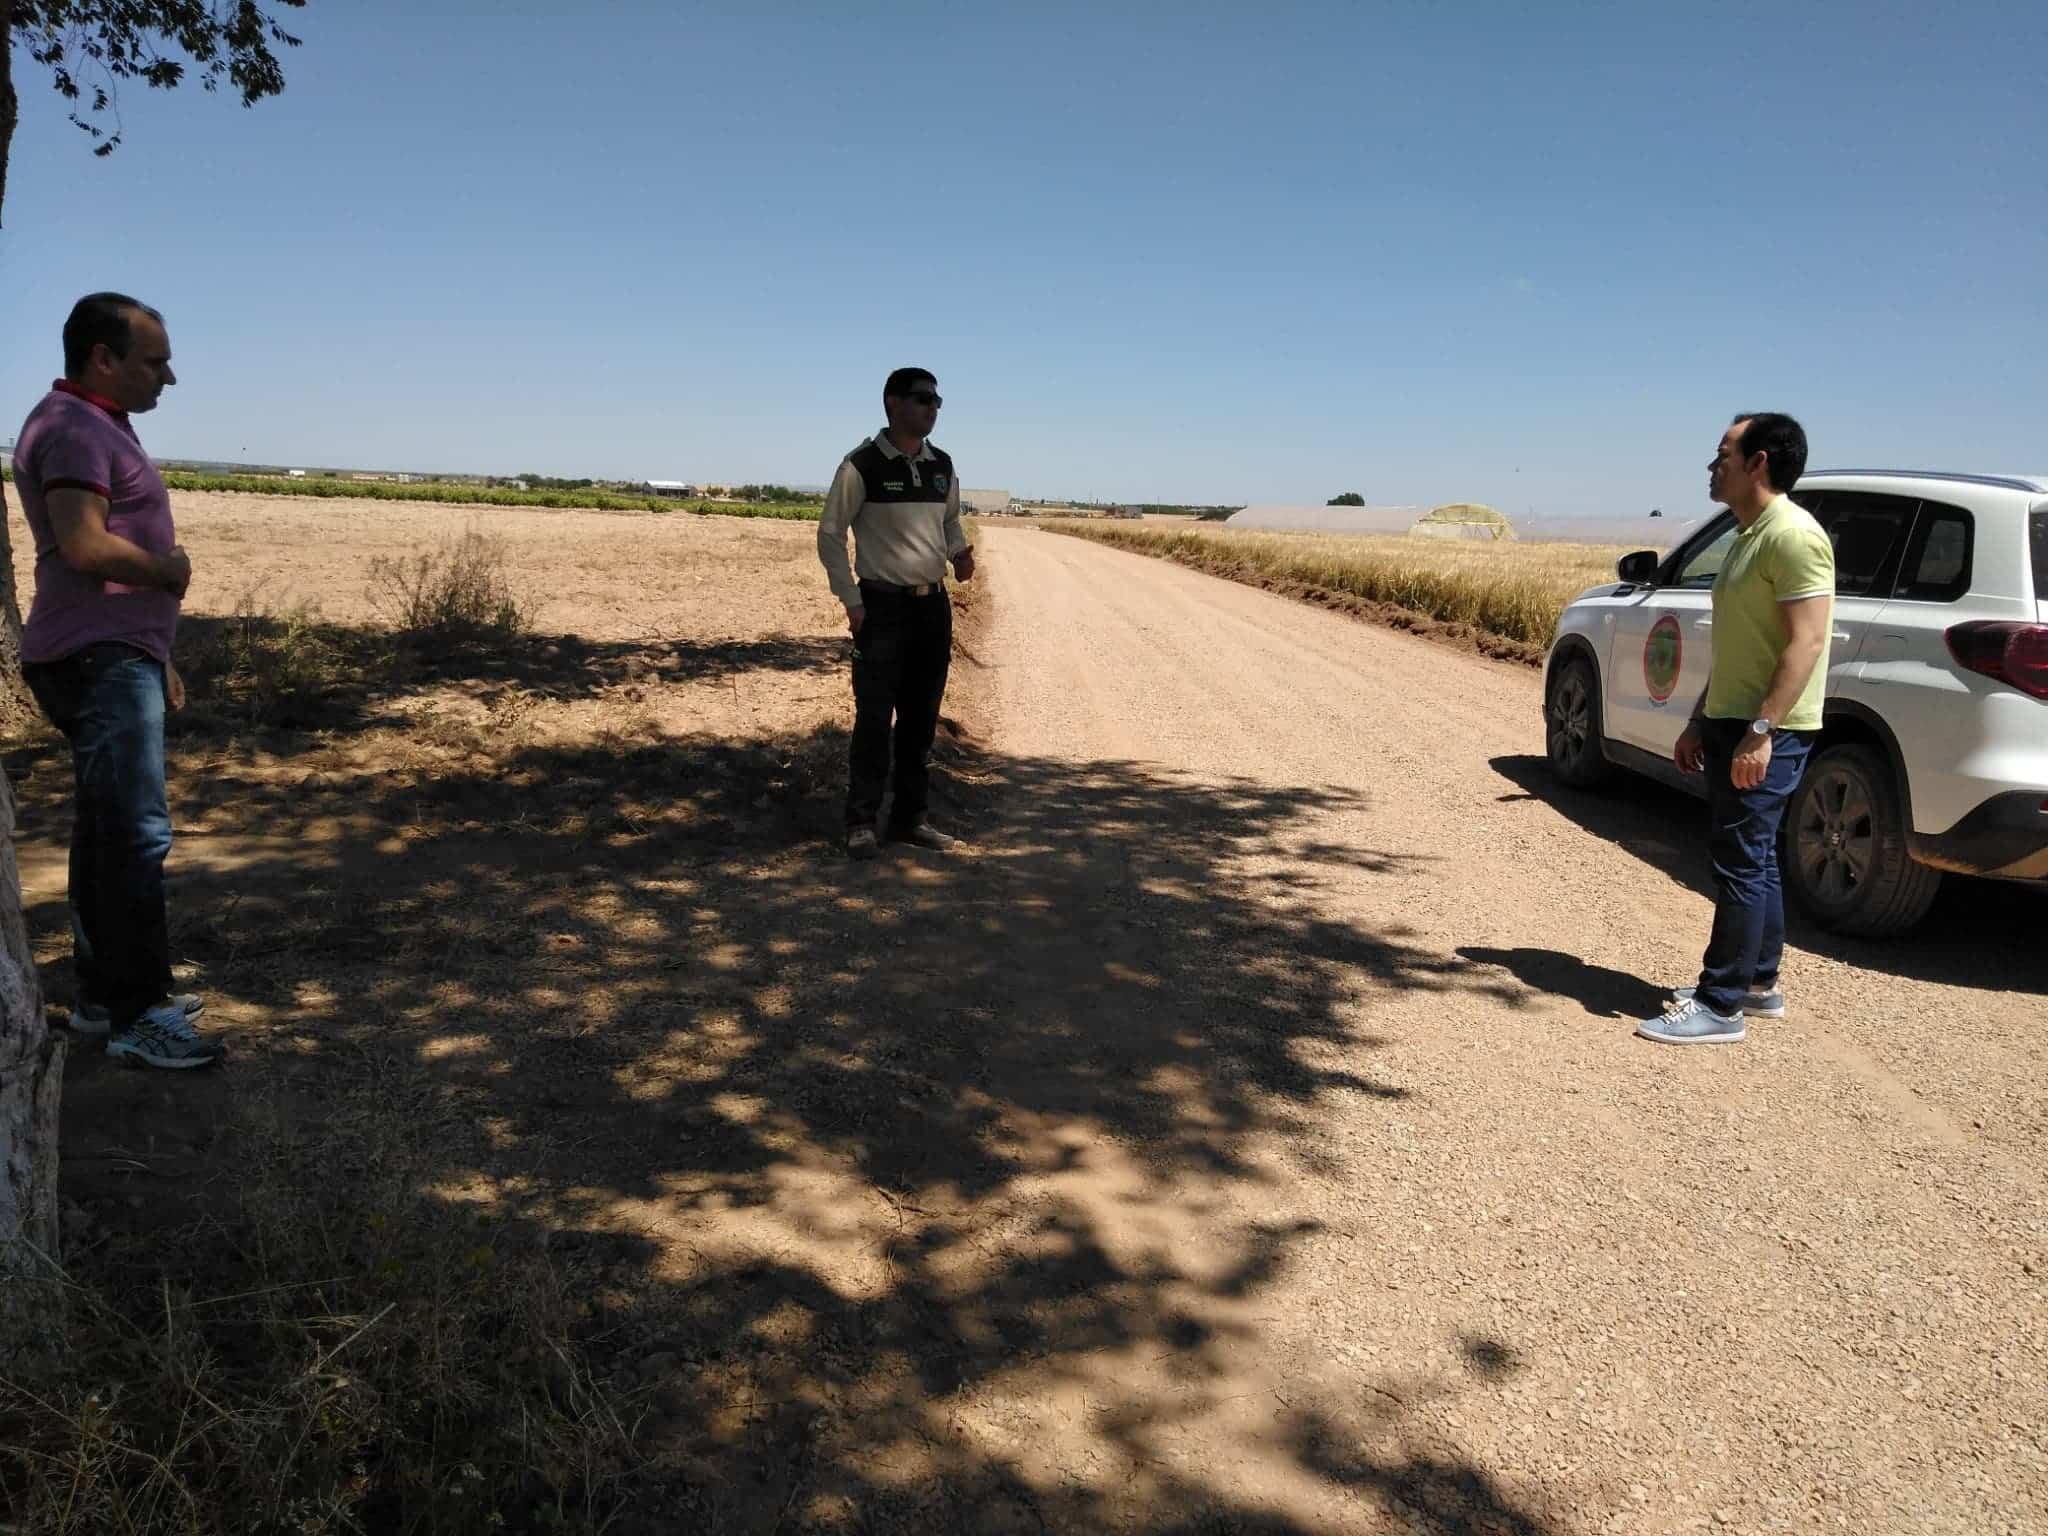 revision mantenimiento caminos rurales pandemia alcalde concejal guarda rural - Arreglos y conservación de caminos rurales durante el confinamiento en Herencia